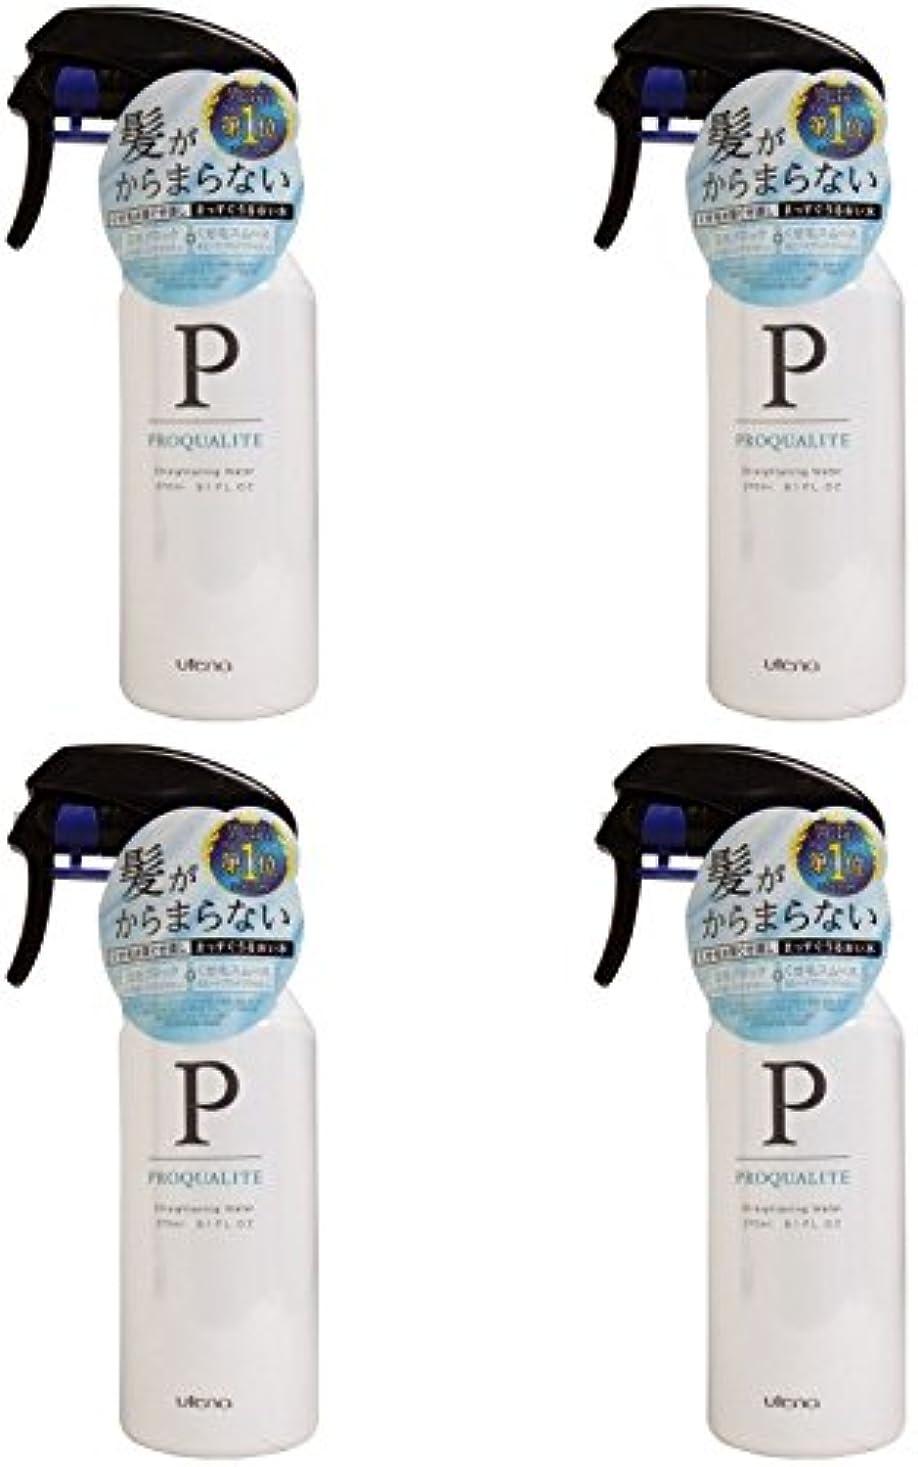 内部谷カリング【まとめ買い】プロカリテ まっすぐうるおい水【×4個】